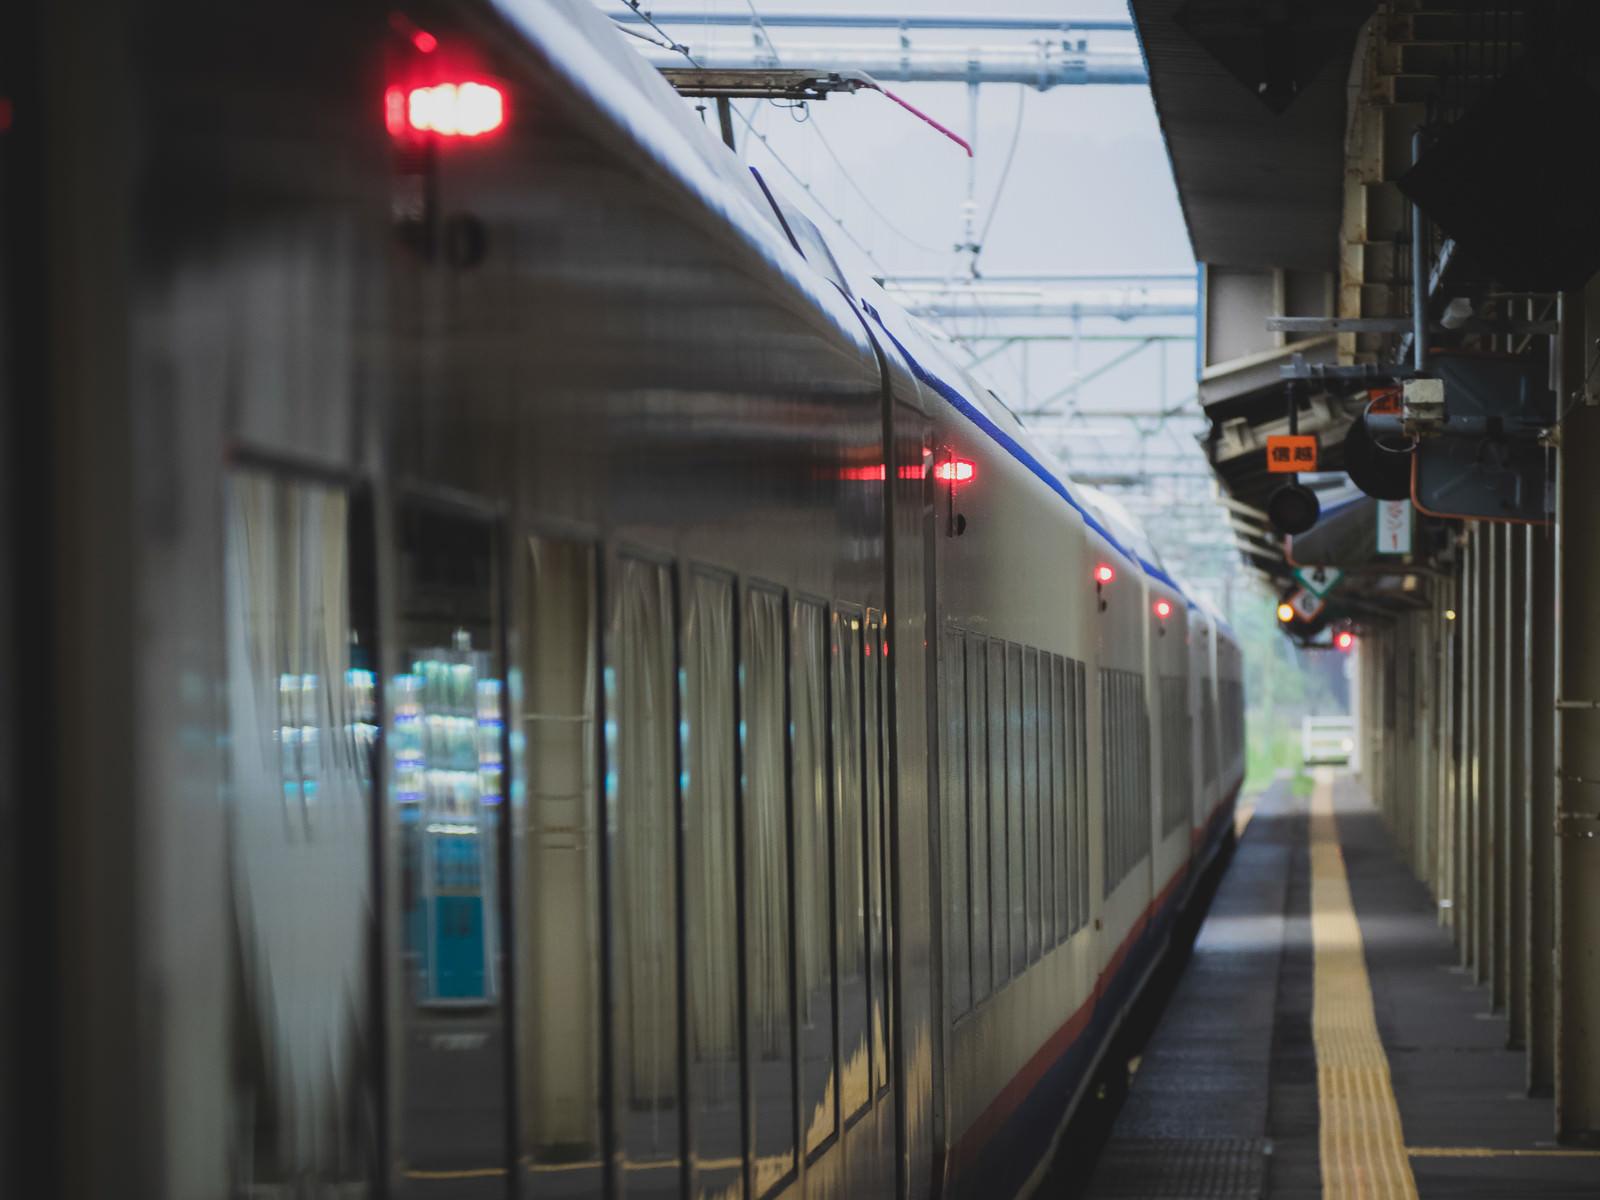 「駅ホームに停車中の出発前車両駅ホームに停車中の出発前車両」のフリー写真素材を拡大